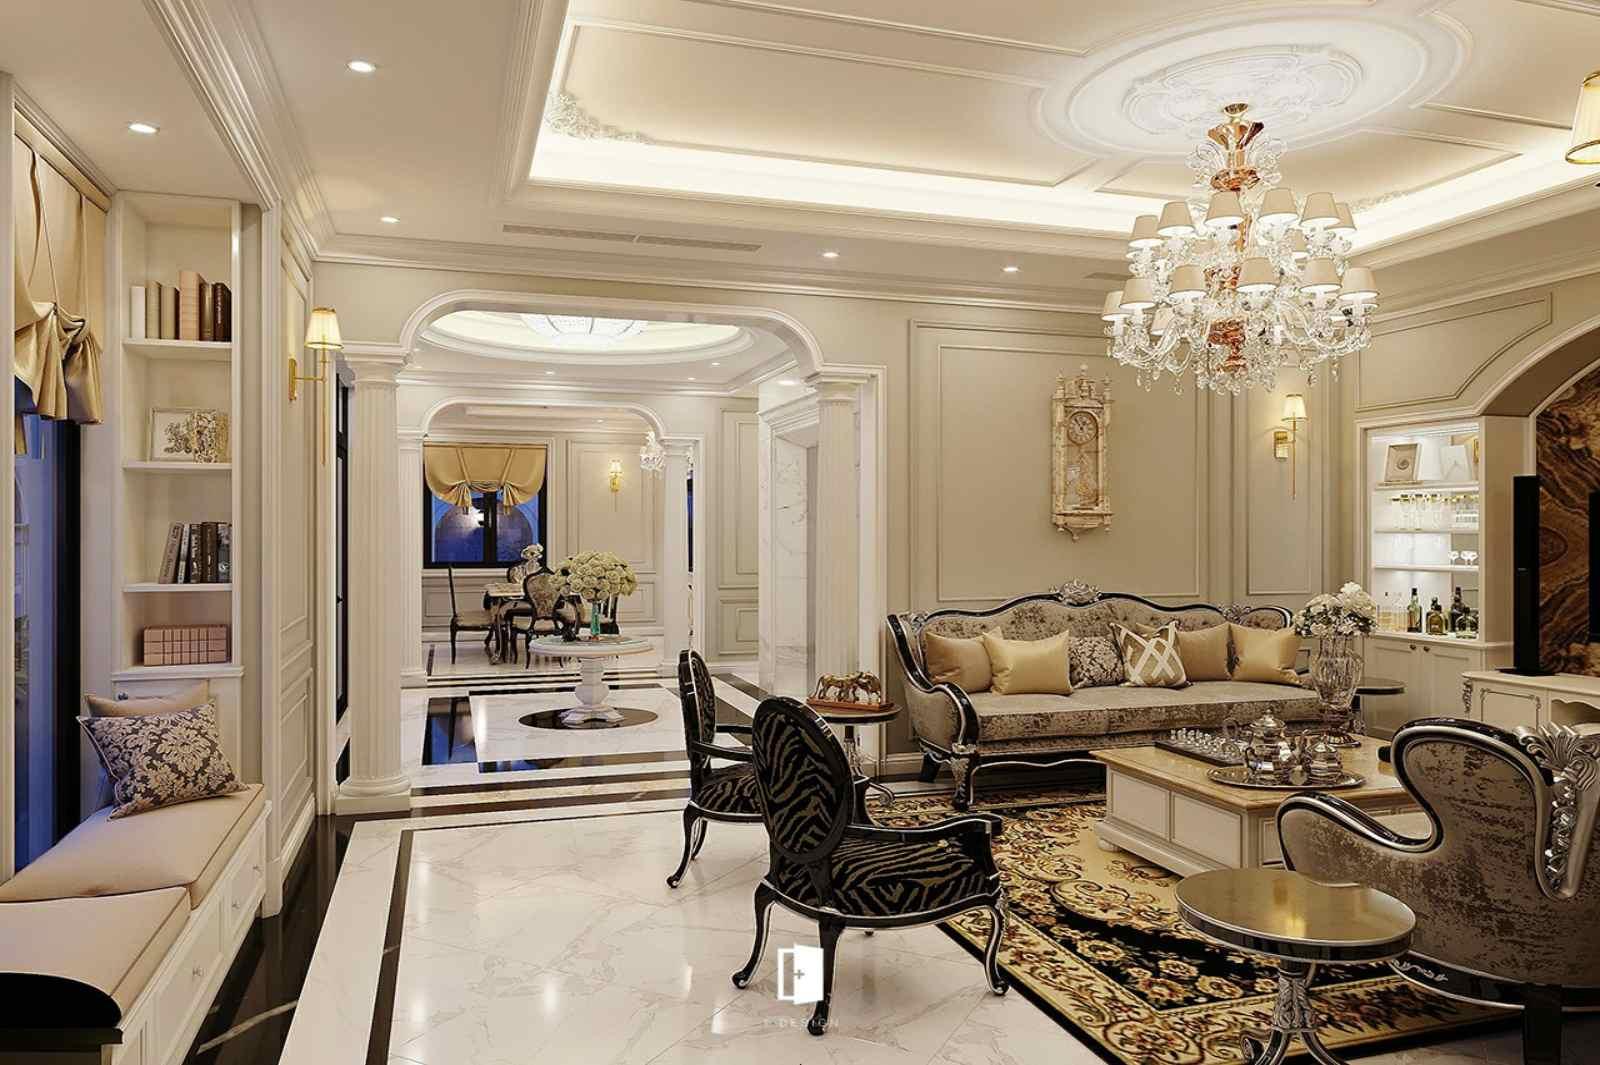 Thiết kế phòng khách biệt thự theo kiểu tân cổ điển đẹp nhất Thái Lan